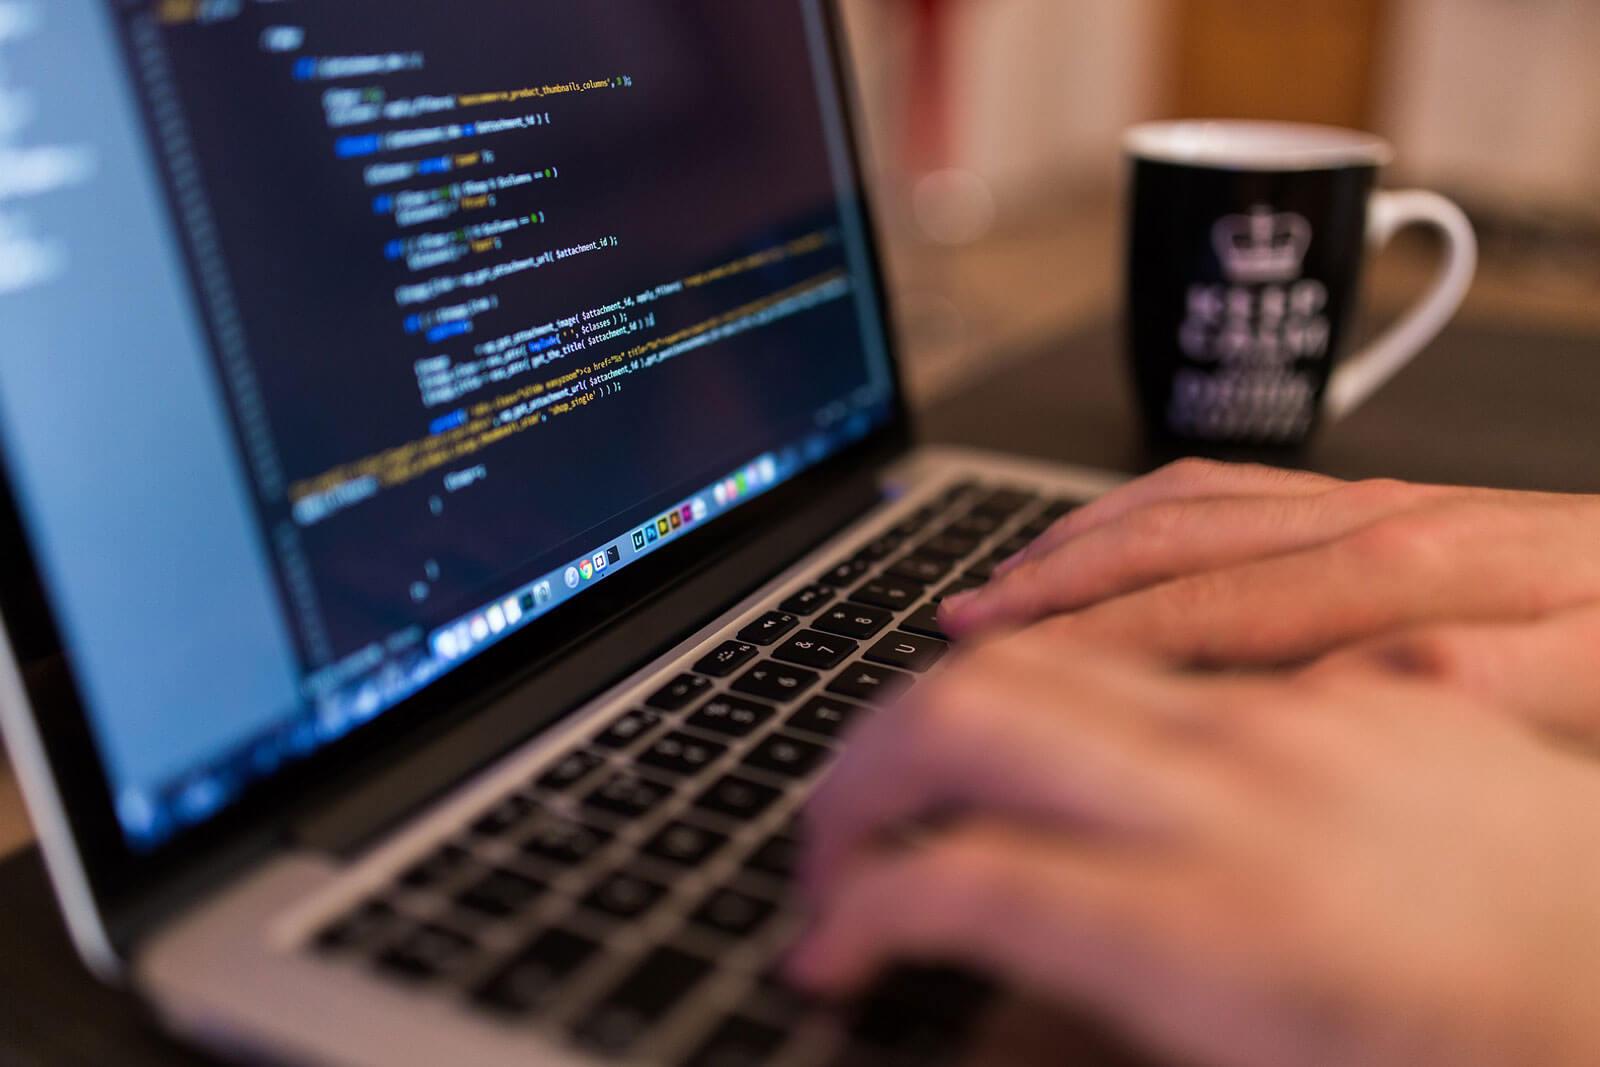 Externe Links in WordPress immer im neuen Fenster öffnen